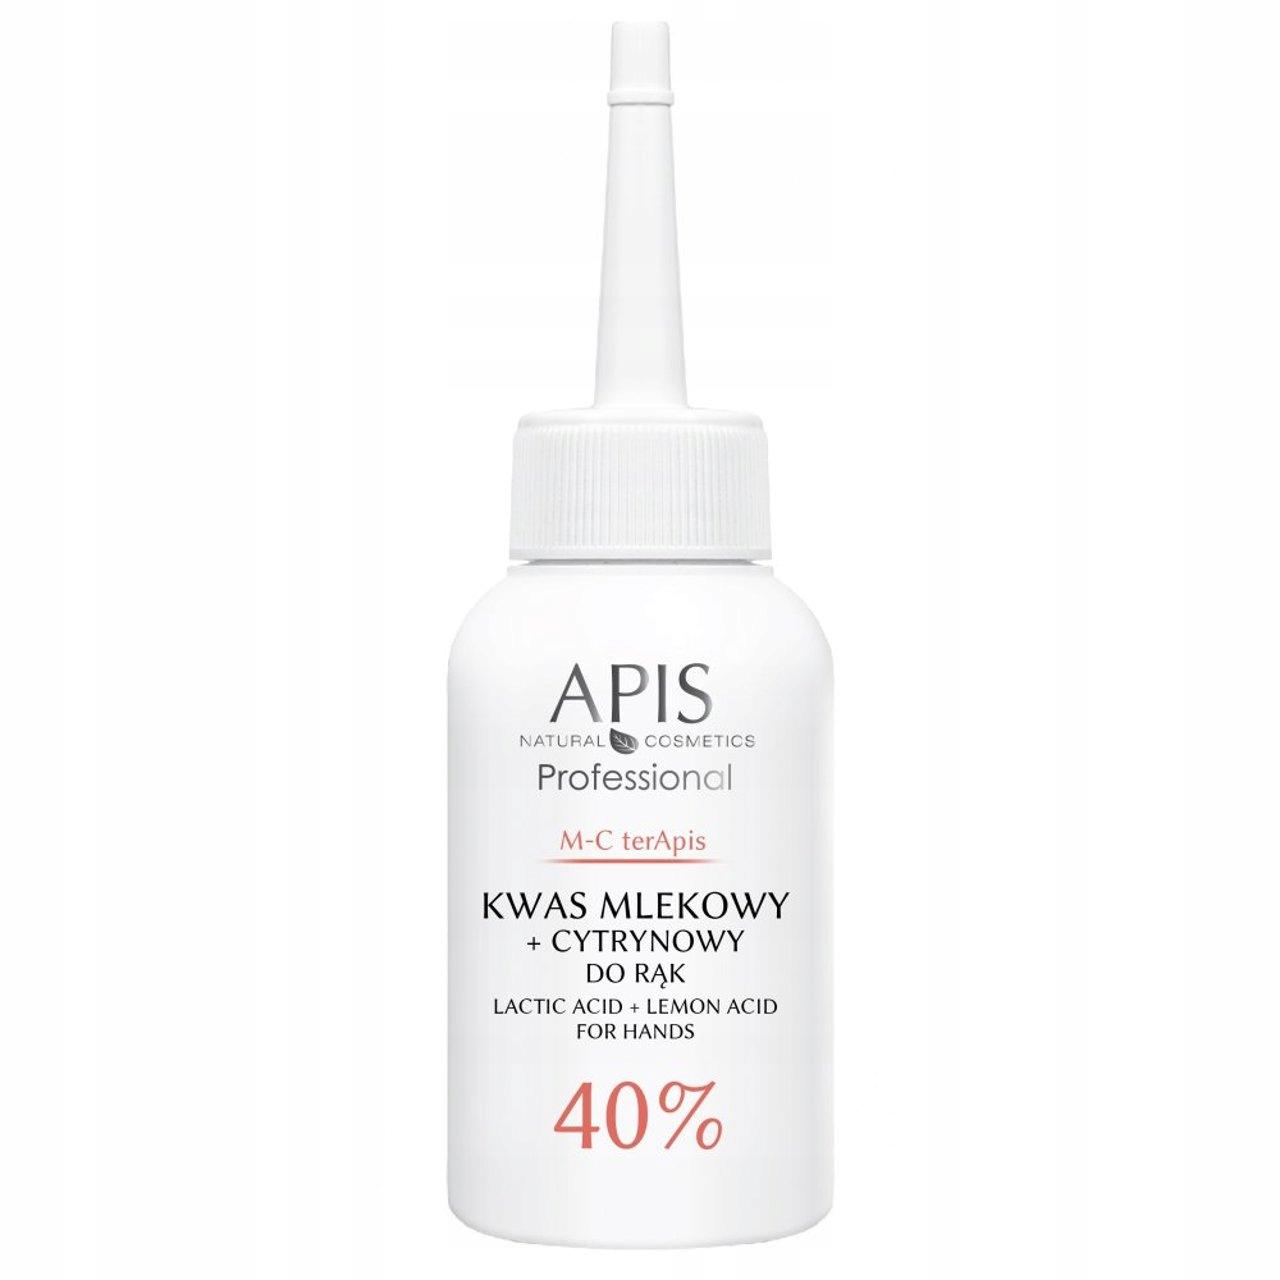 APIS Grapefruit Kwas mlekowy cytrynowy do rąk 40%